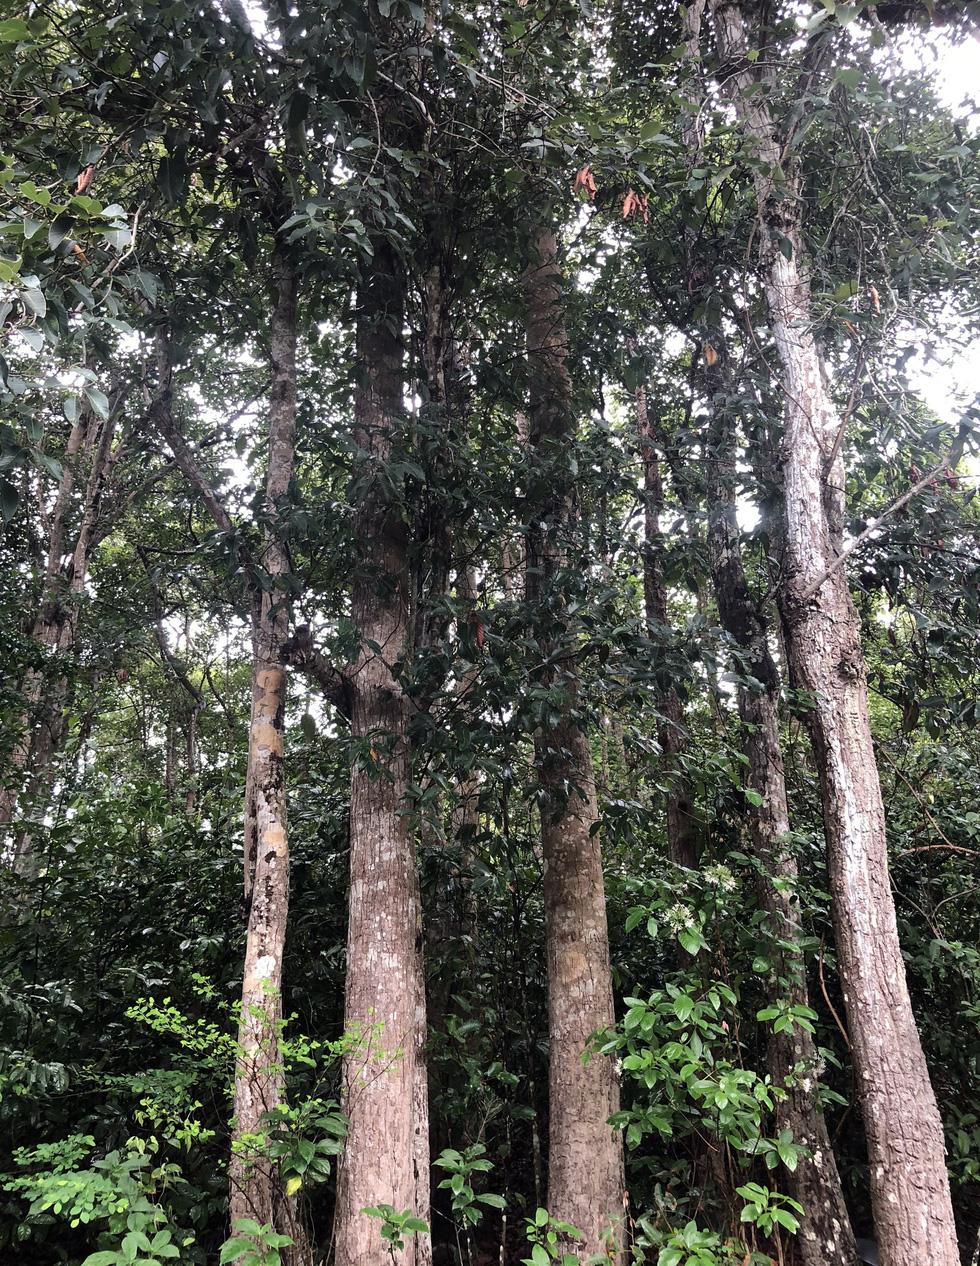 Chuẩn bị chặt hàng ngàn cây dầu tự nhiên ở Côn Đảo để làm khu tái định cư - Ảnh 5.